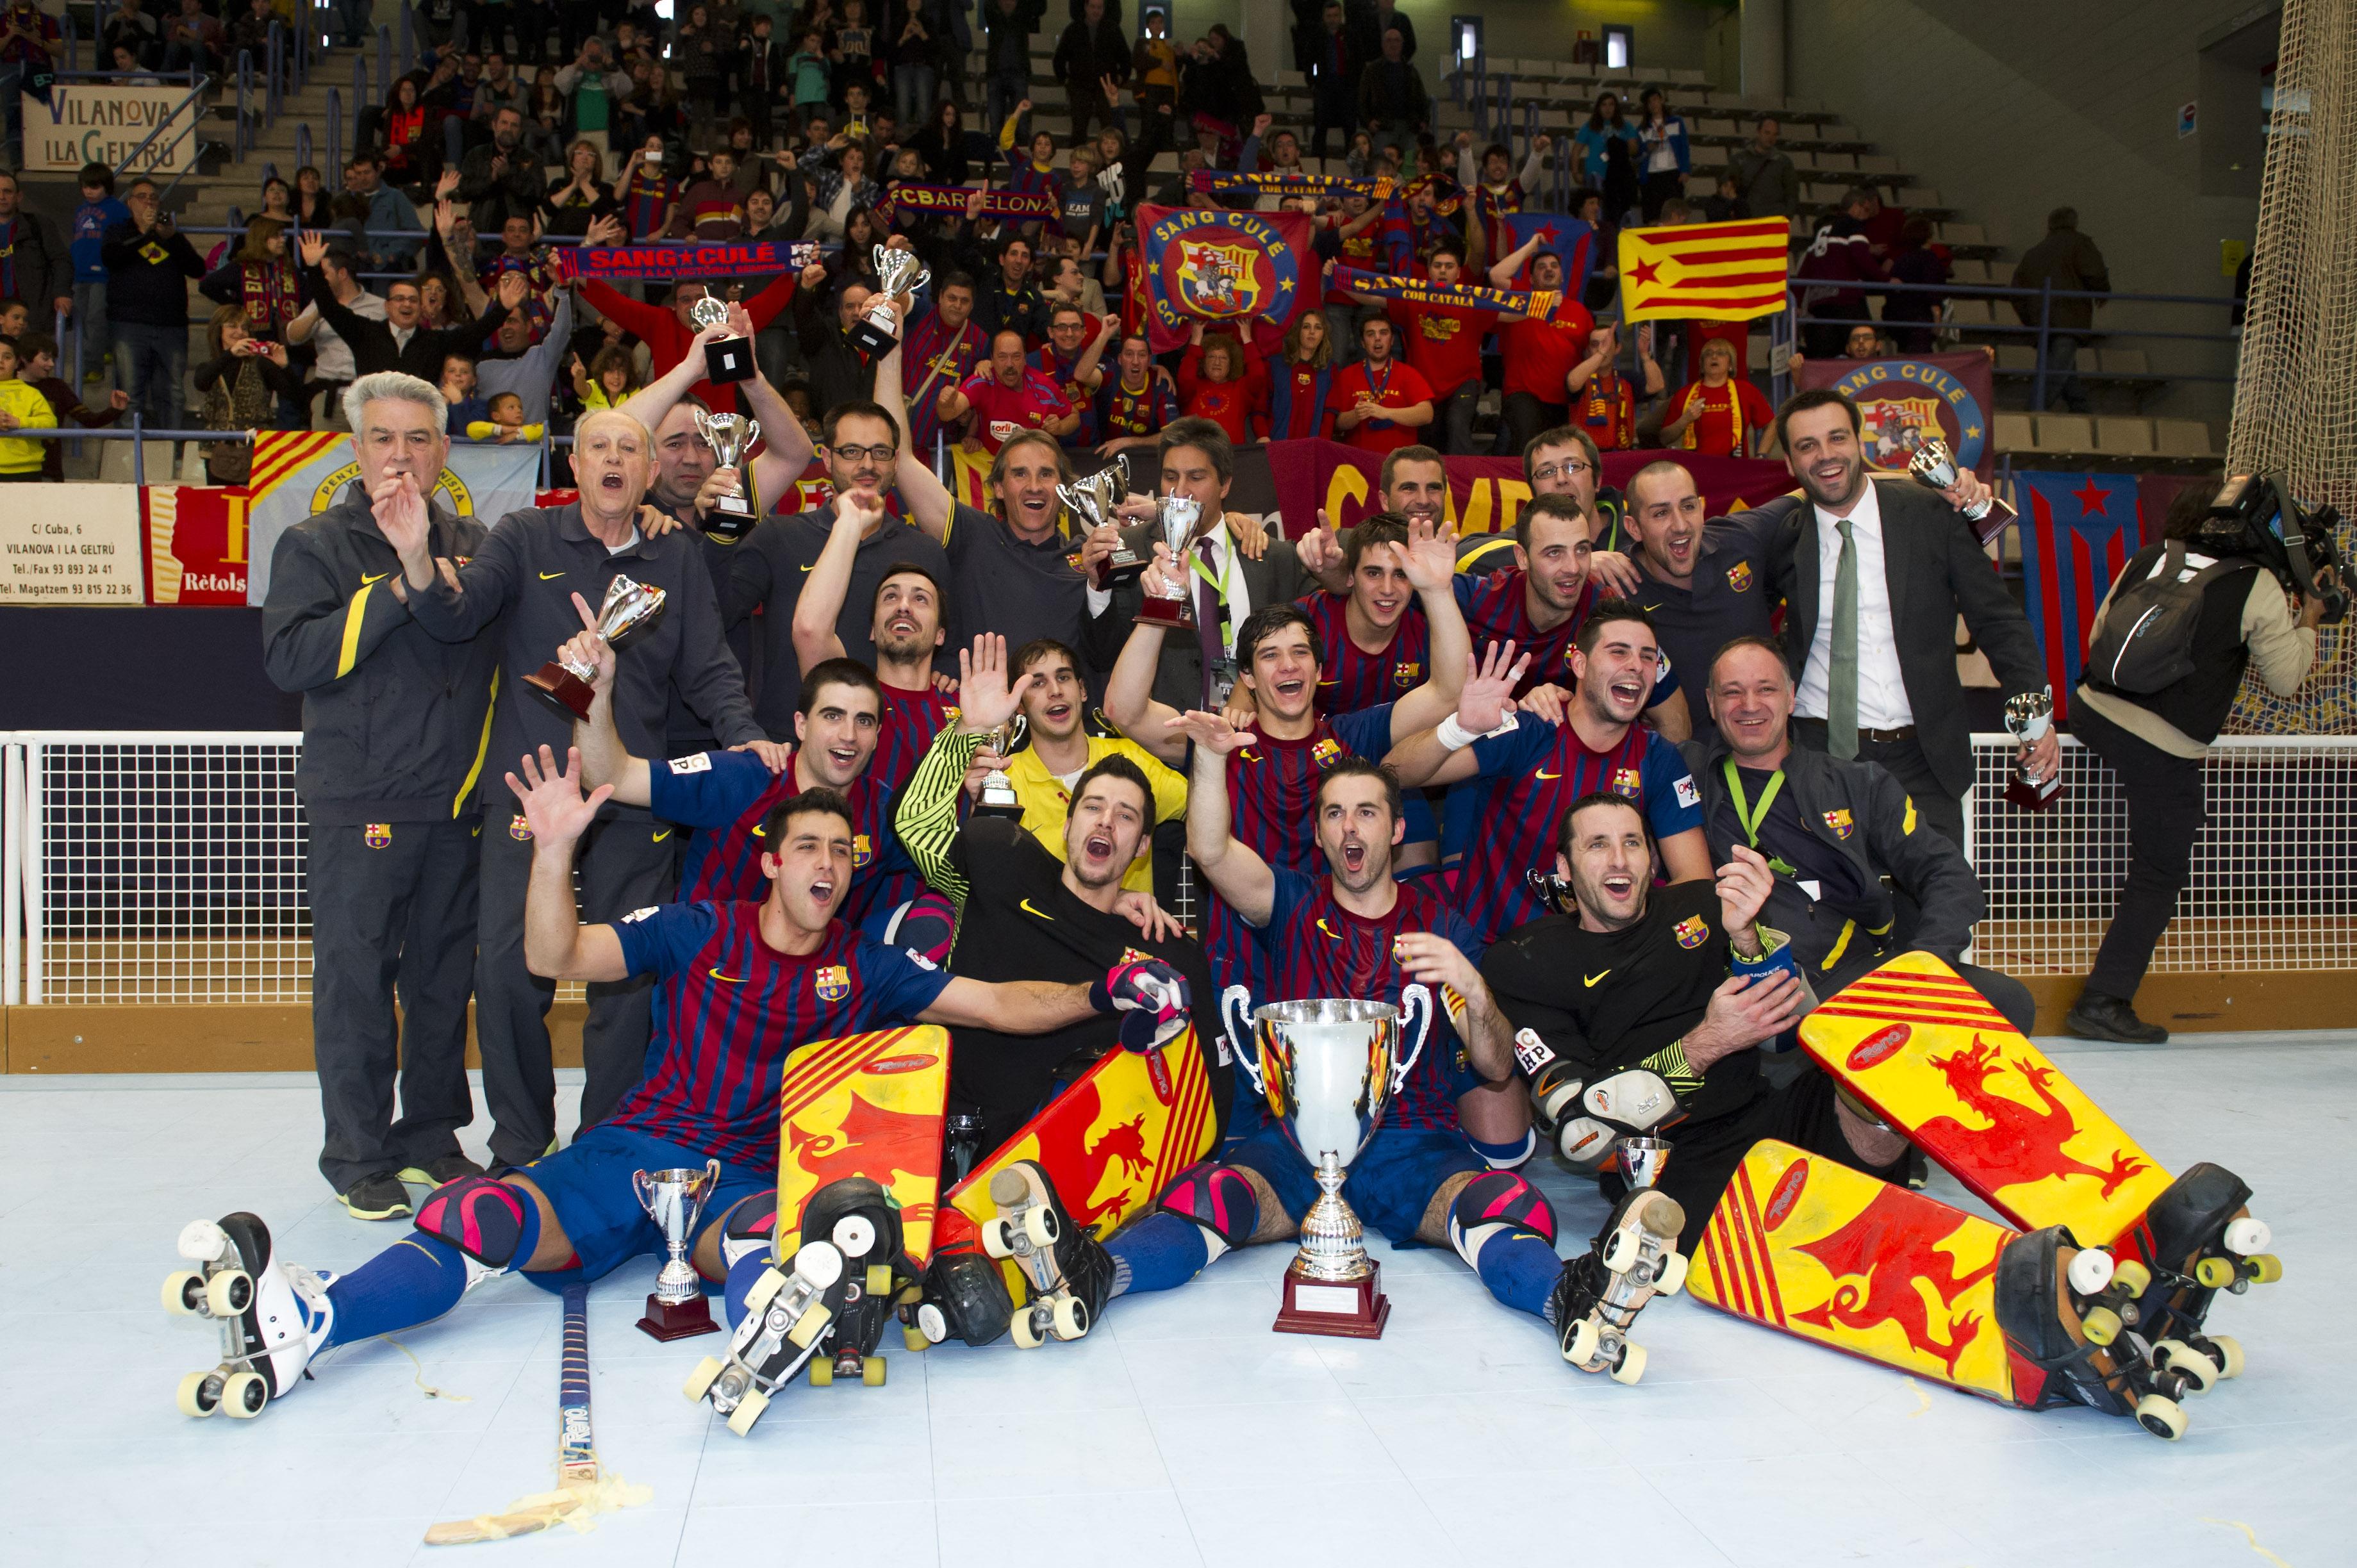 L'equip celebra la Copa del Rei 2010